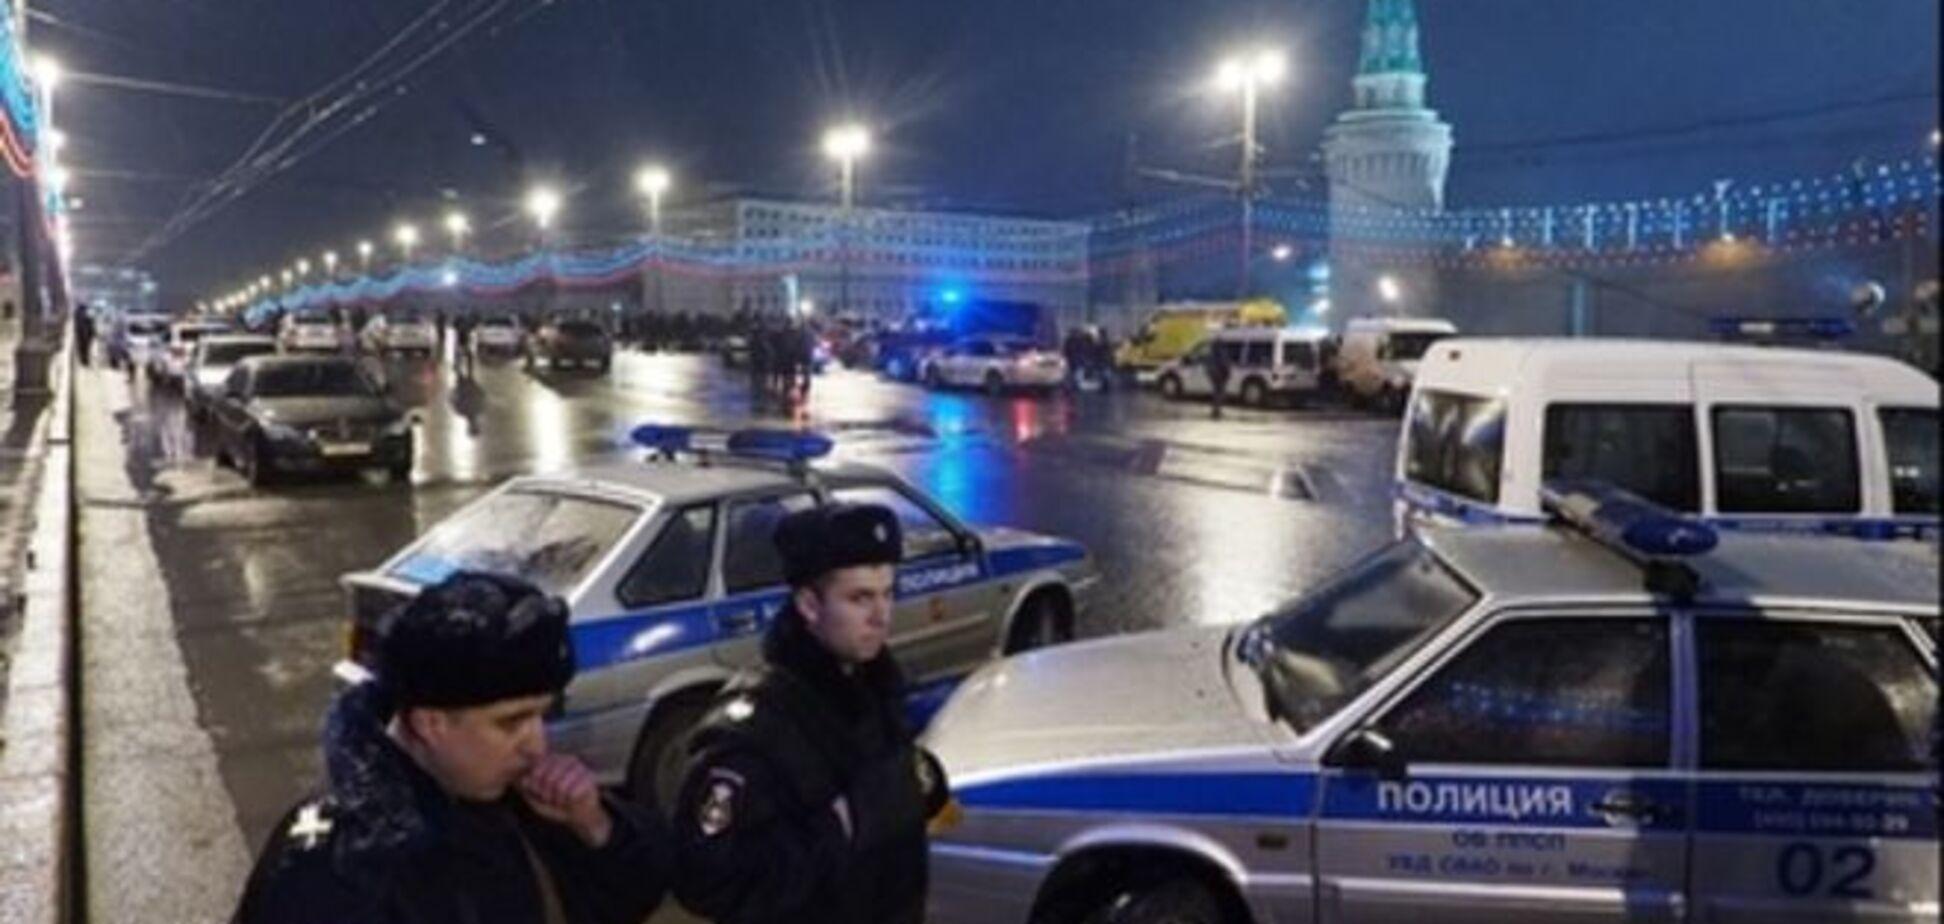 Полиция проверила несколько машин по делу об убийстве Немцова